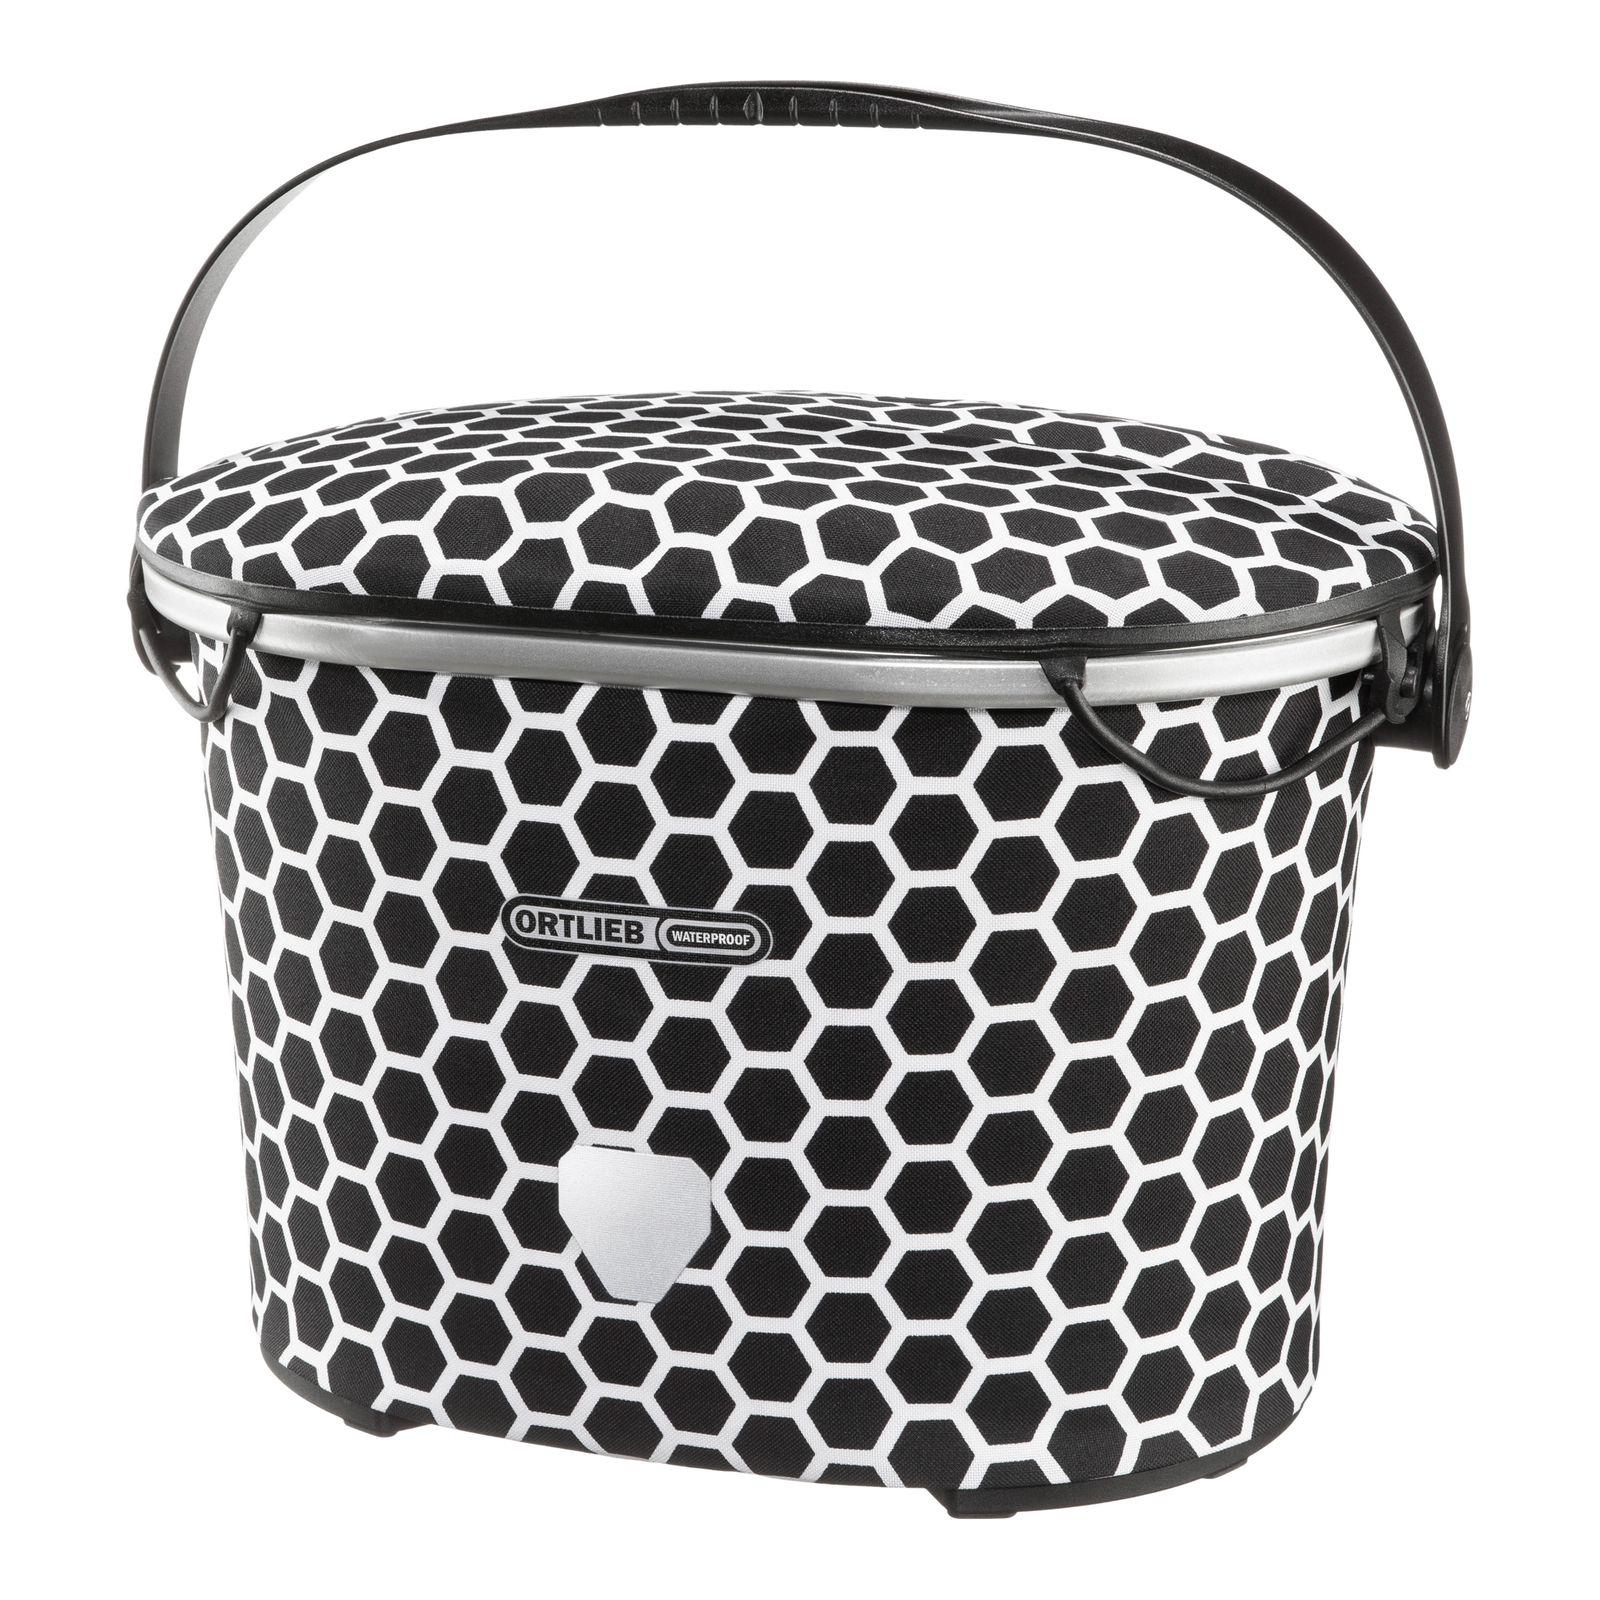 ORTLIEB Design Up-Town Bike Handlebar Bag 17,5L Honeycomb / Black-White